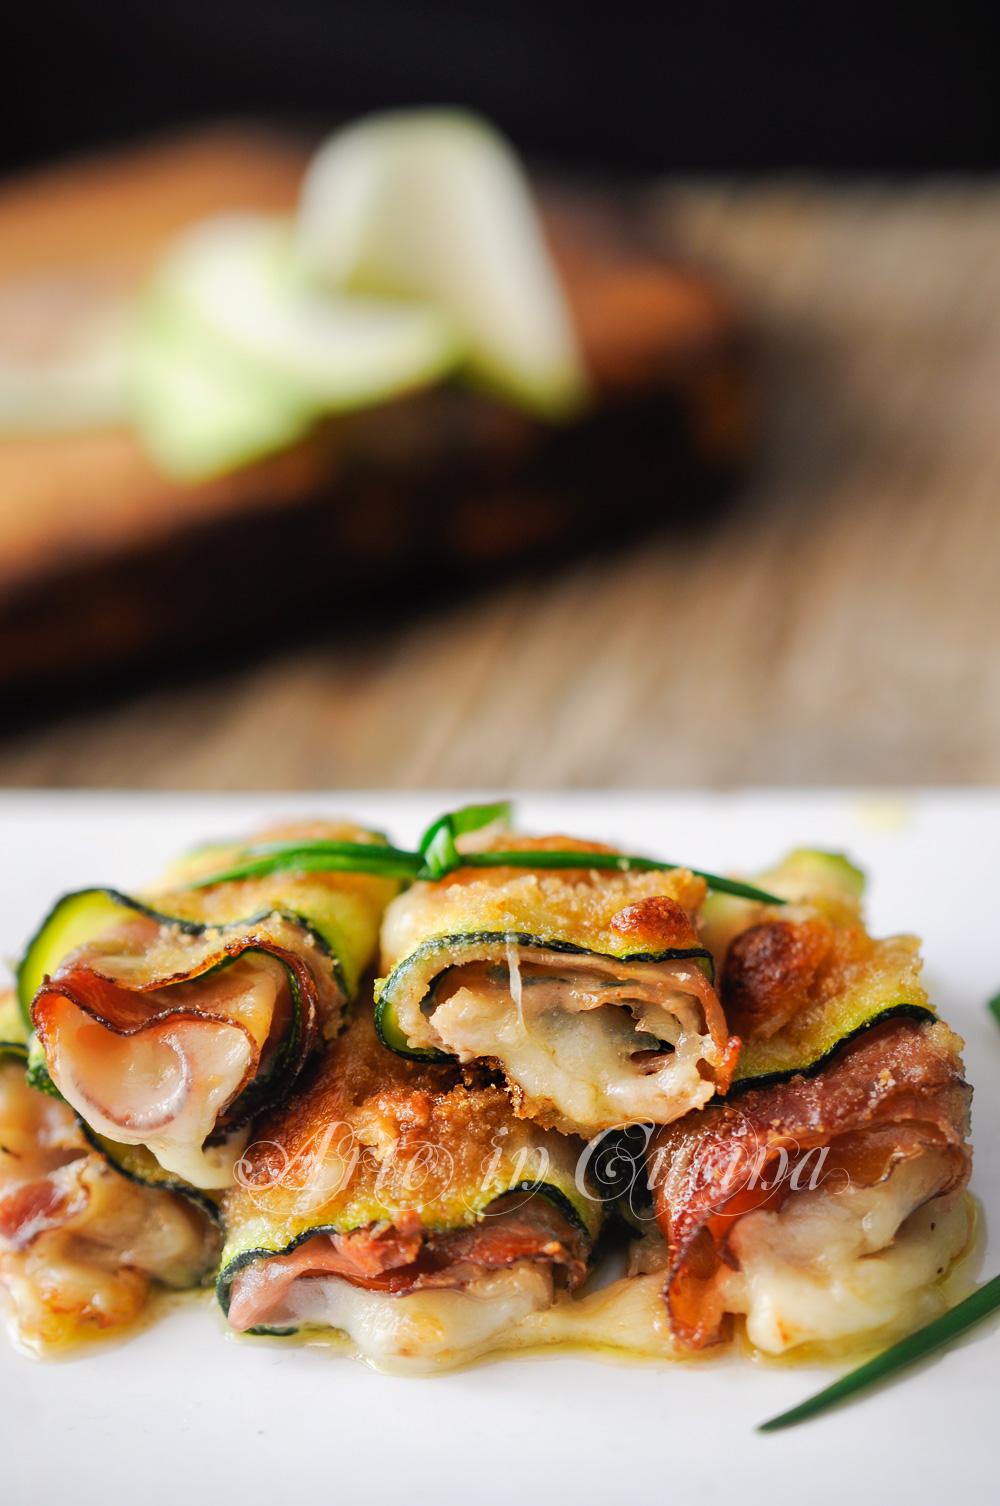 Involtini di zucchine gratinate ripieni al forno vickyart arte in cucina